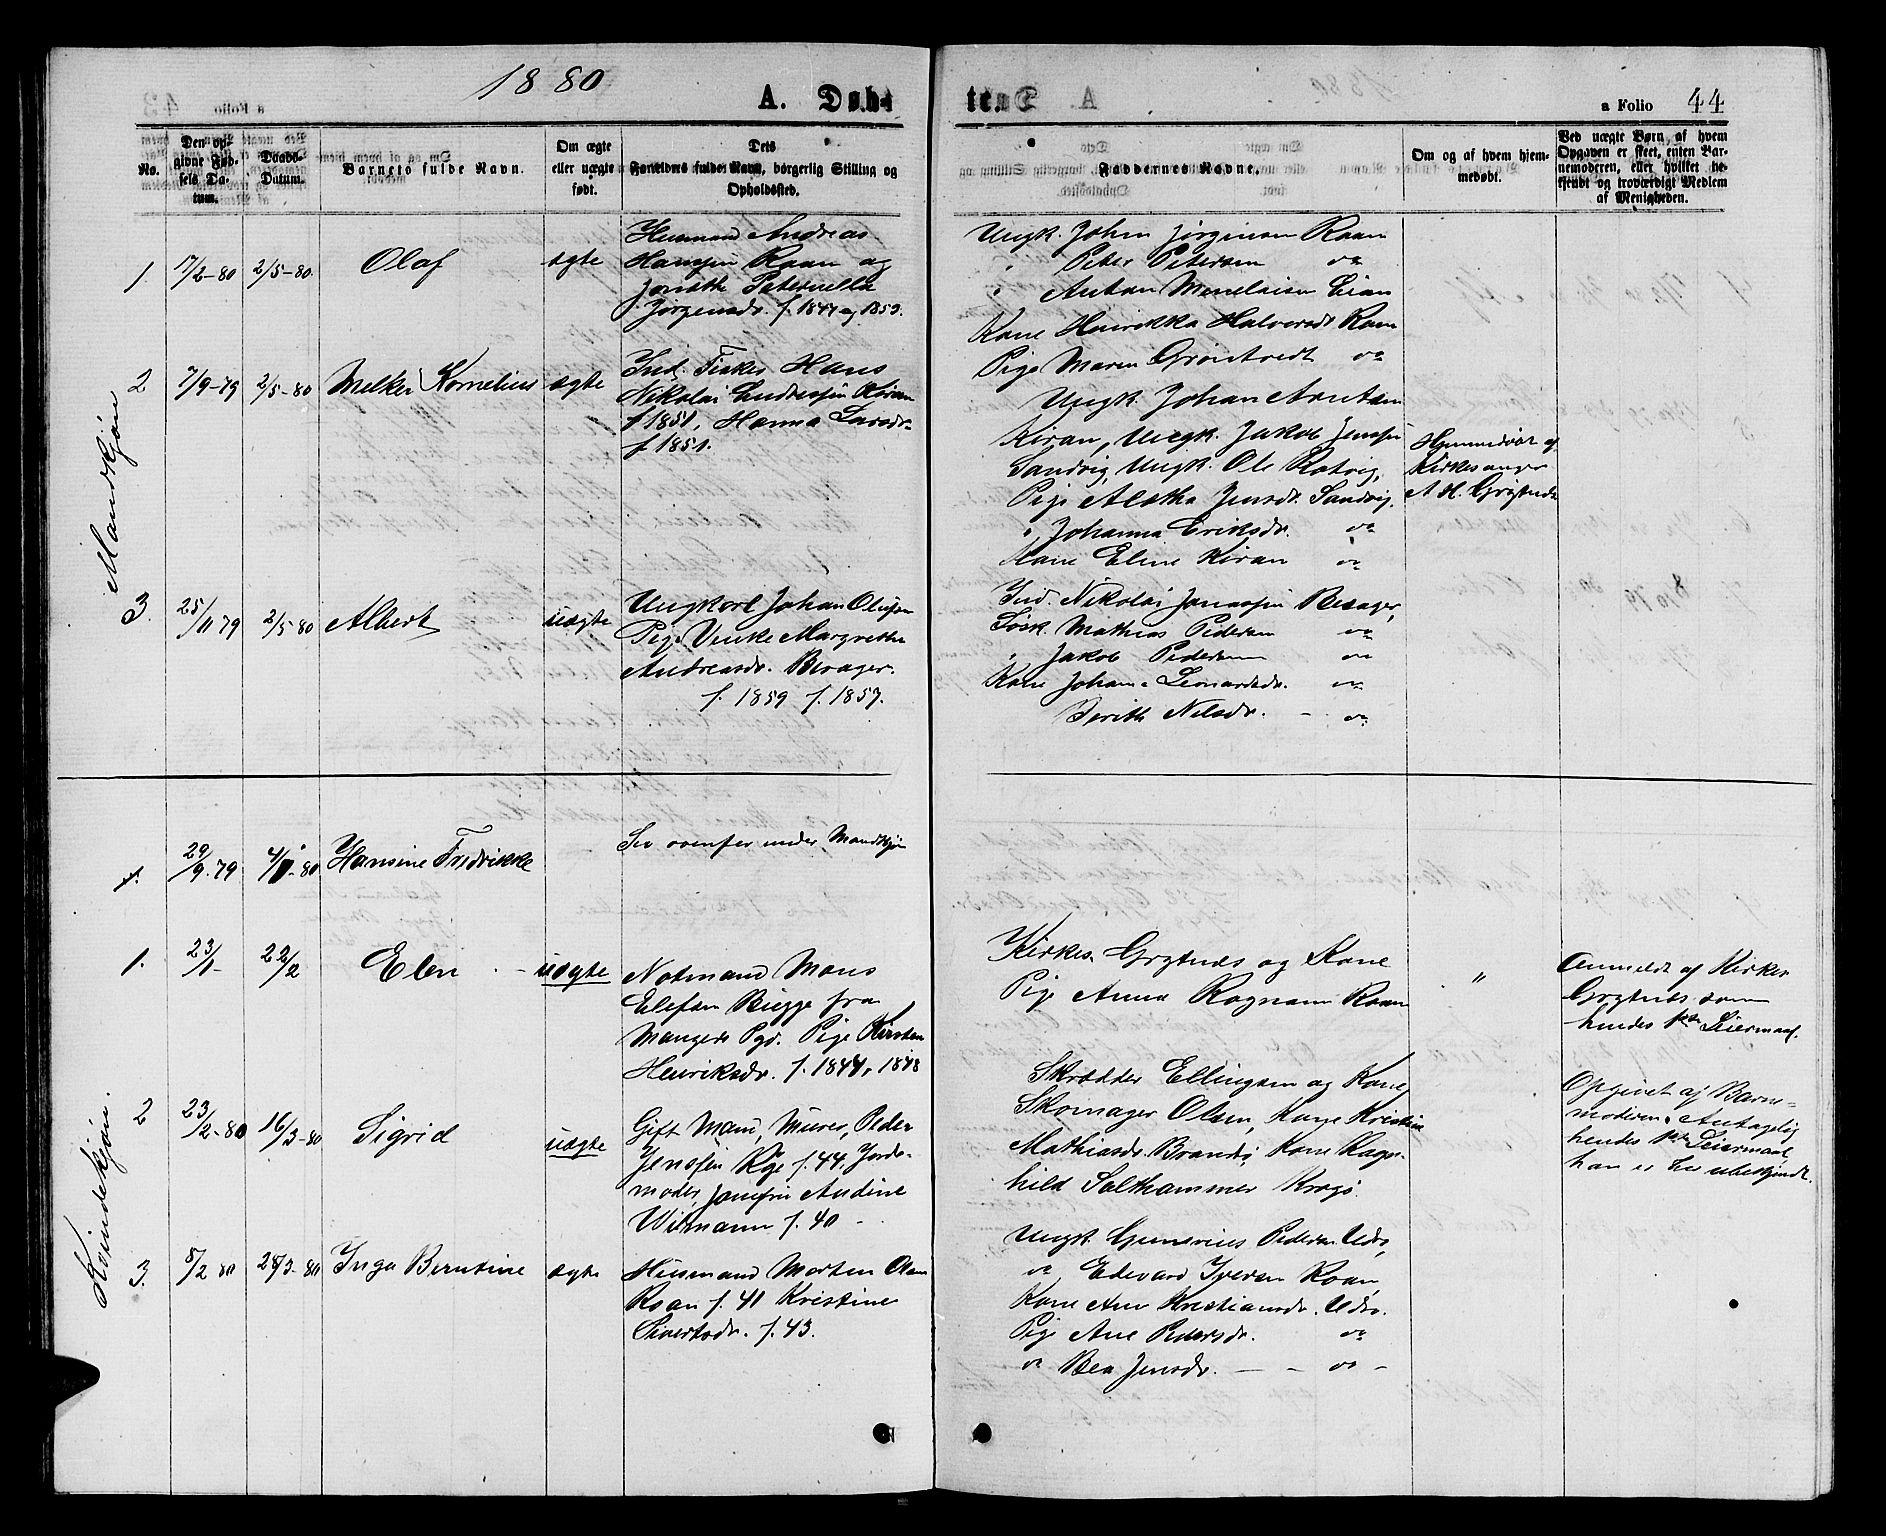 SAT, Ministerialprotokoller, klokkerbøker og fødselsregistre - Sør-Trøndelag, 657/L0715: Klokkerbok nr. 657C02, 1873-1888, s. 44